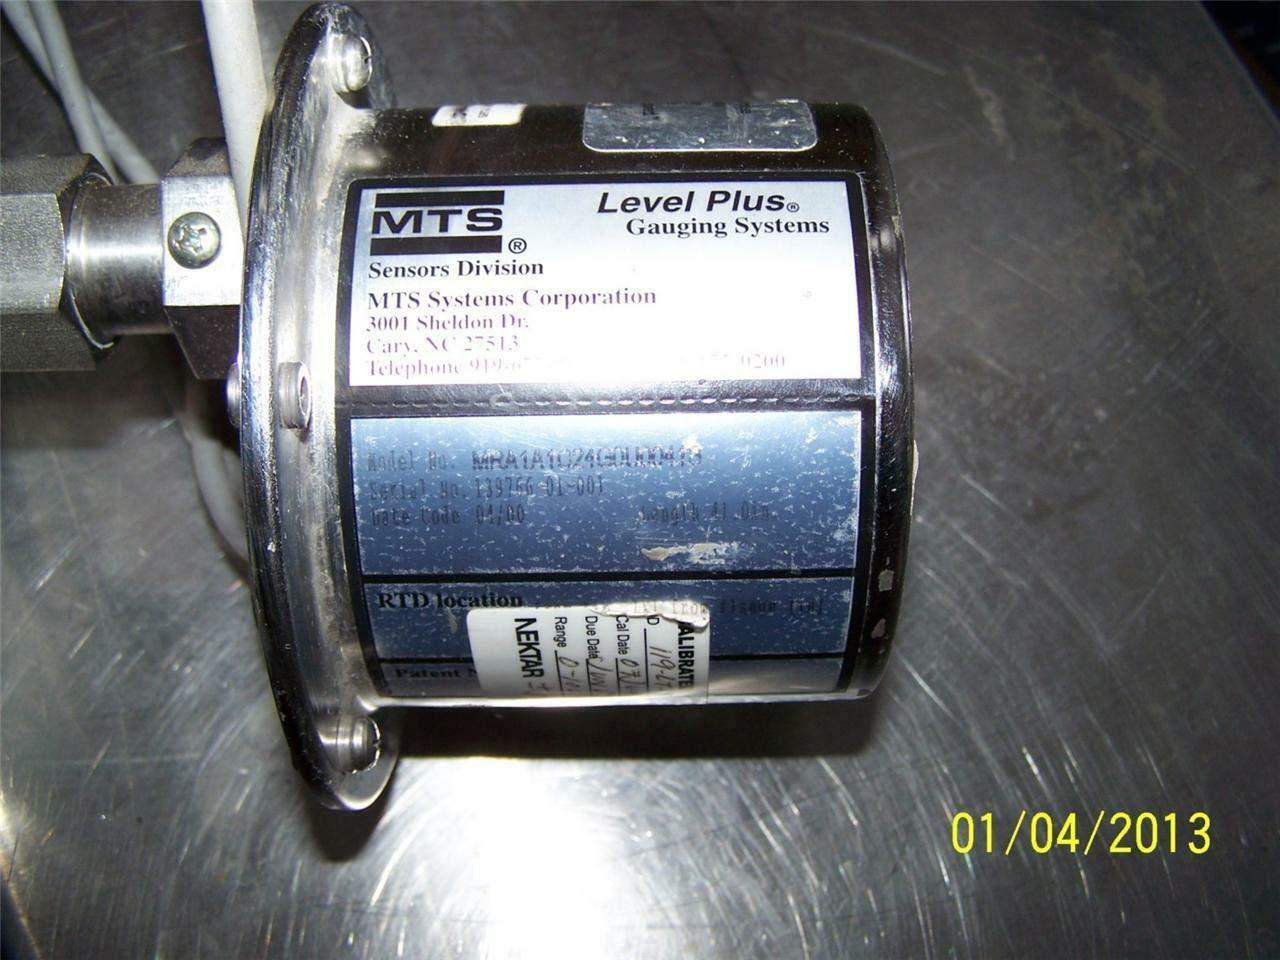 41 NEMA Type 4X 316L Housing MTS MRA1A1C24G0U0041S Level Plus Transmitter